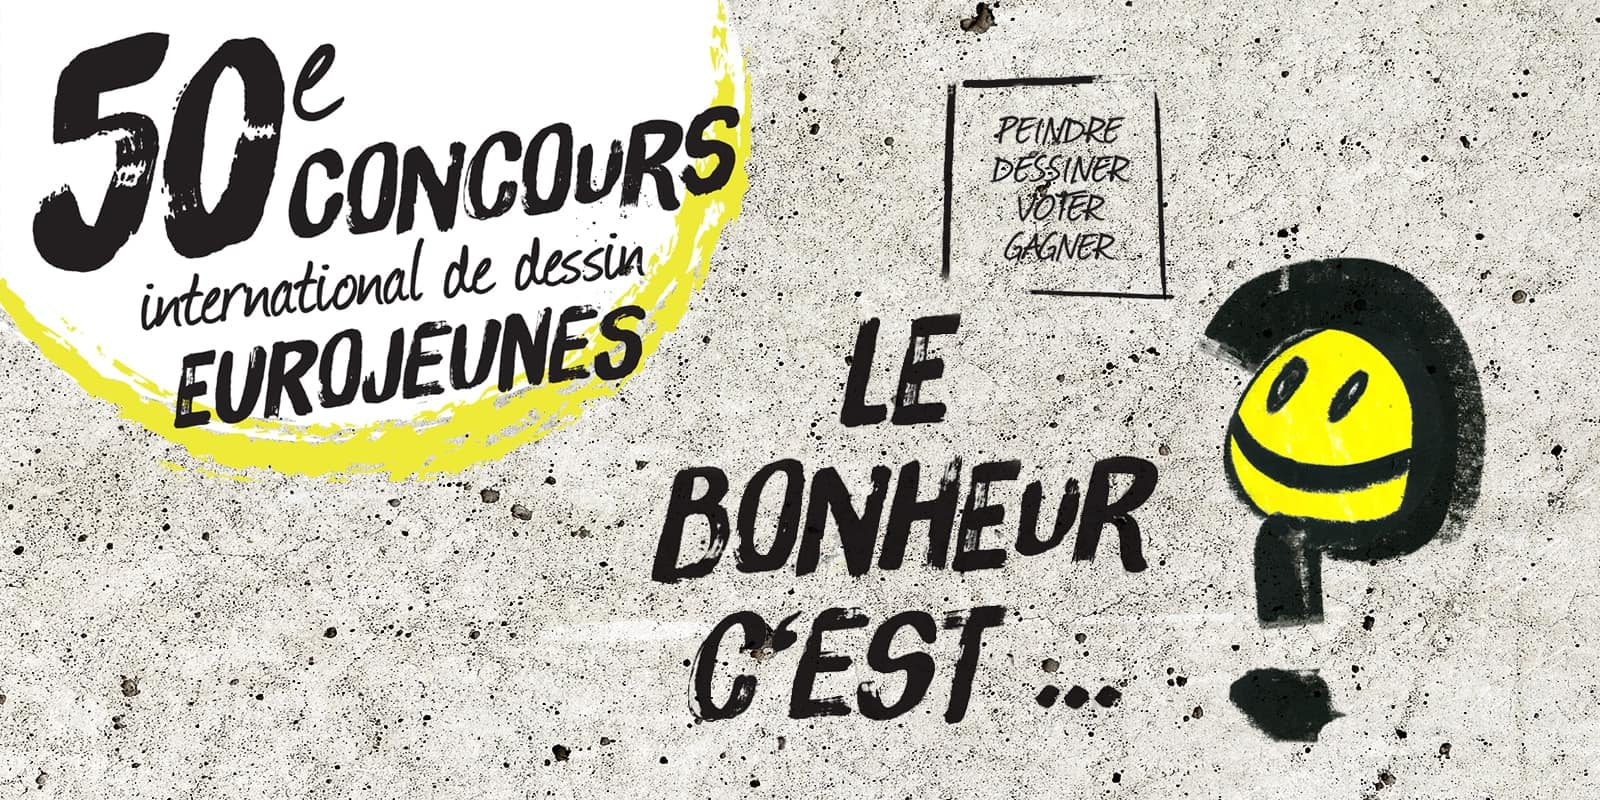 Concours International De Dessin Eurojeunes 2019 - Crédit dedans Dessin De Vague A Imprimer